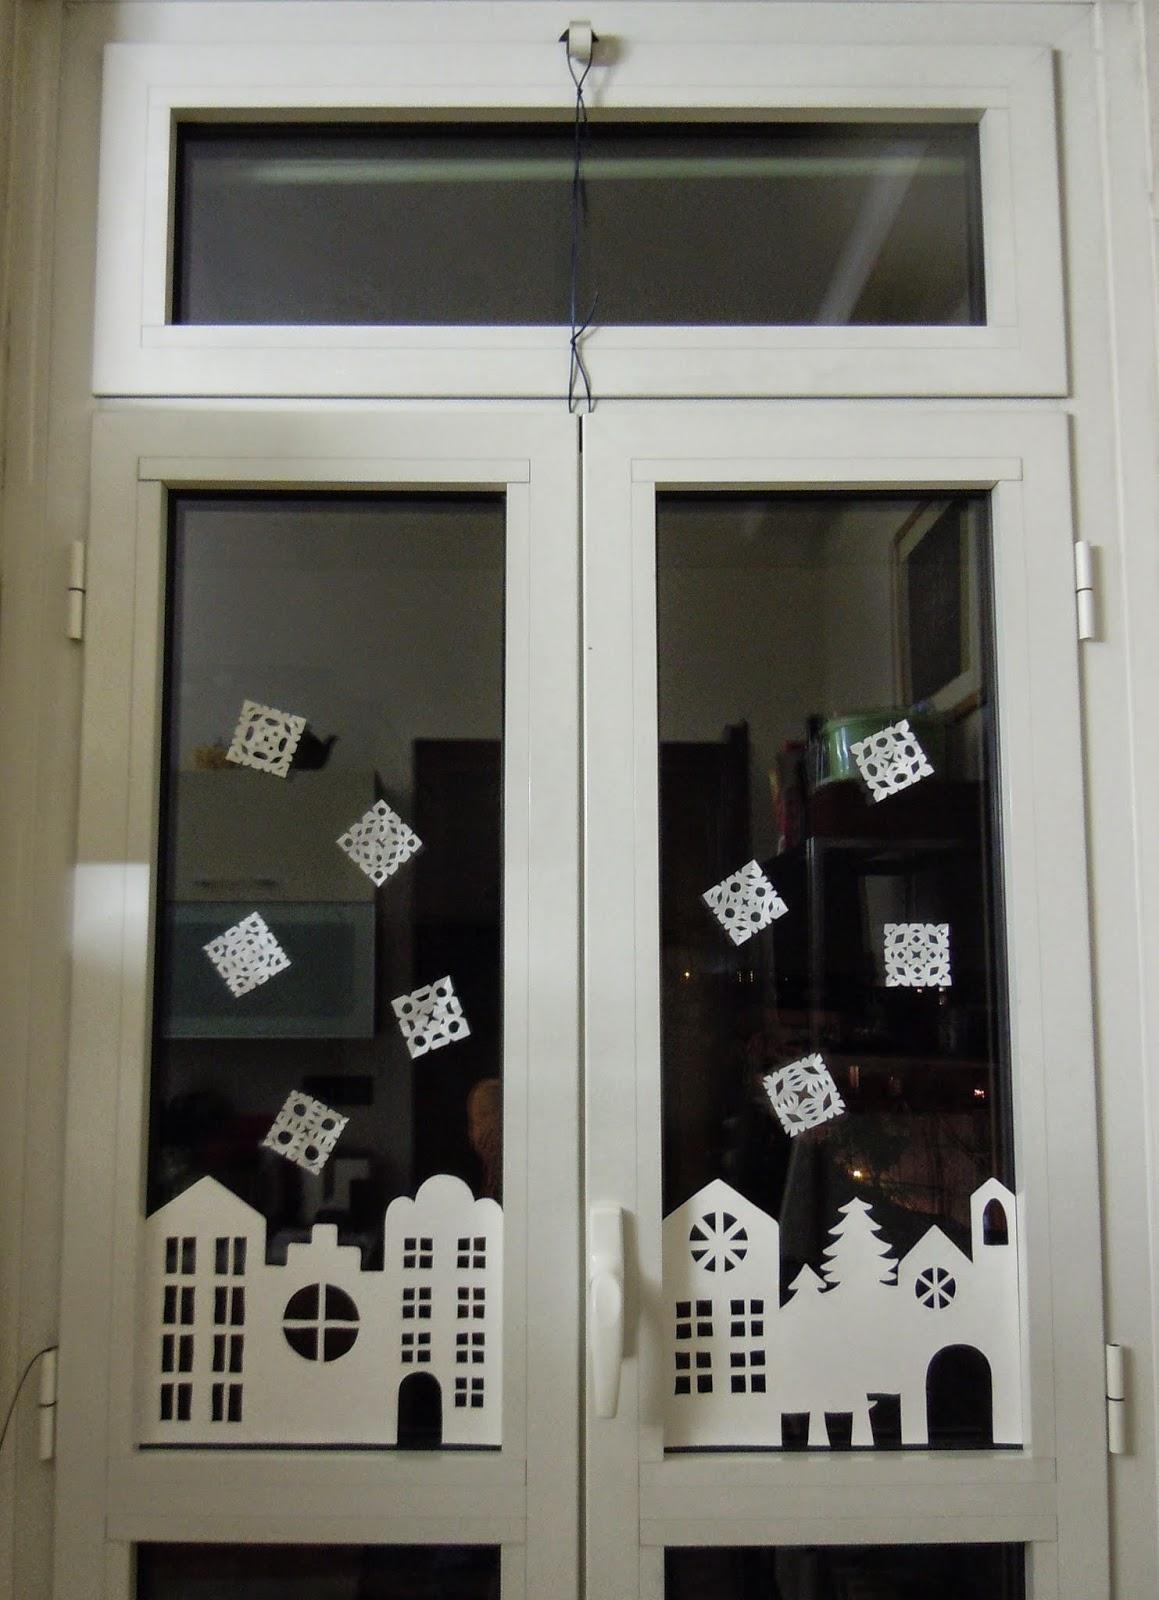 Gioka con leo addobbo natalizio per finestre for Addobbi finestre natale scuola infanzia